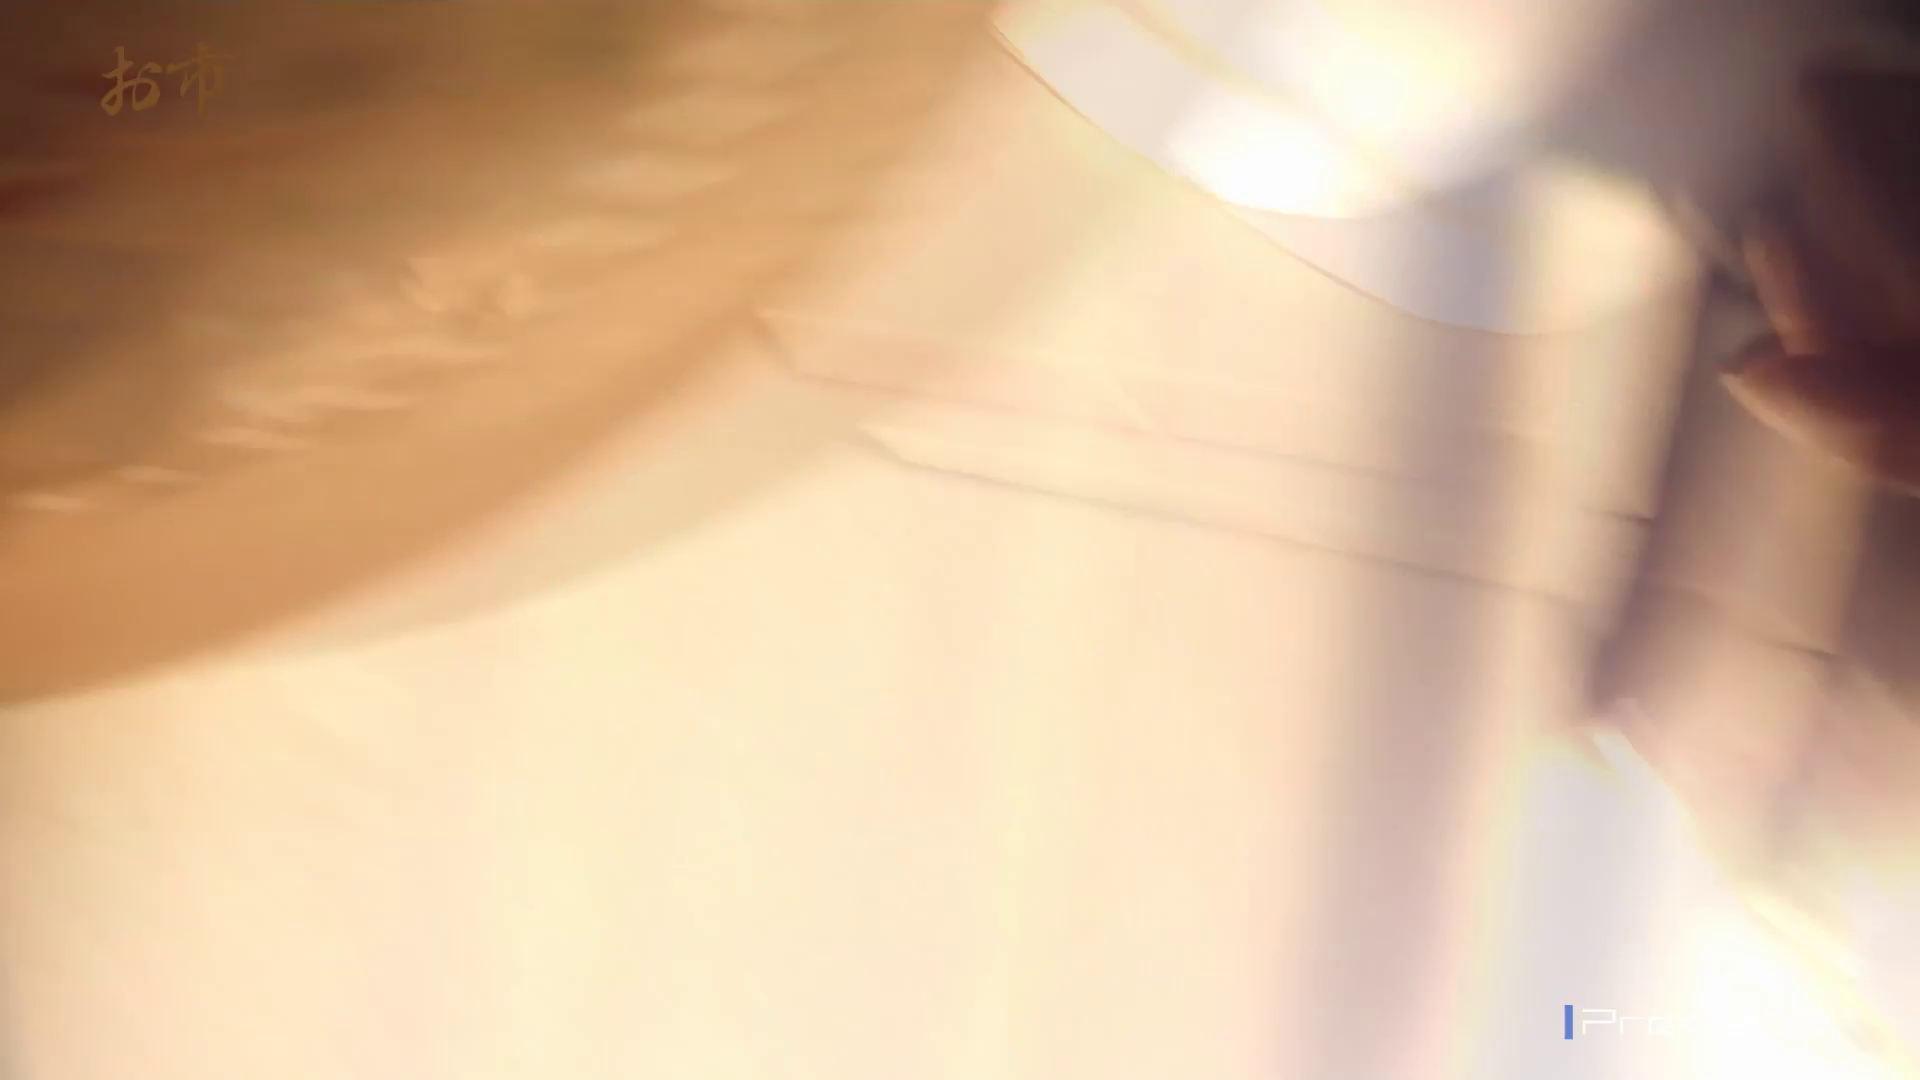 潜入!!台湾名門女学院 Vol.14 ラストコンテンツ!! エロくん潜入 ぱこり動画紹介 86連発 55